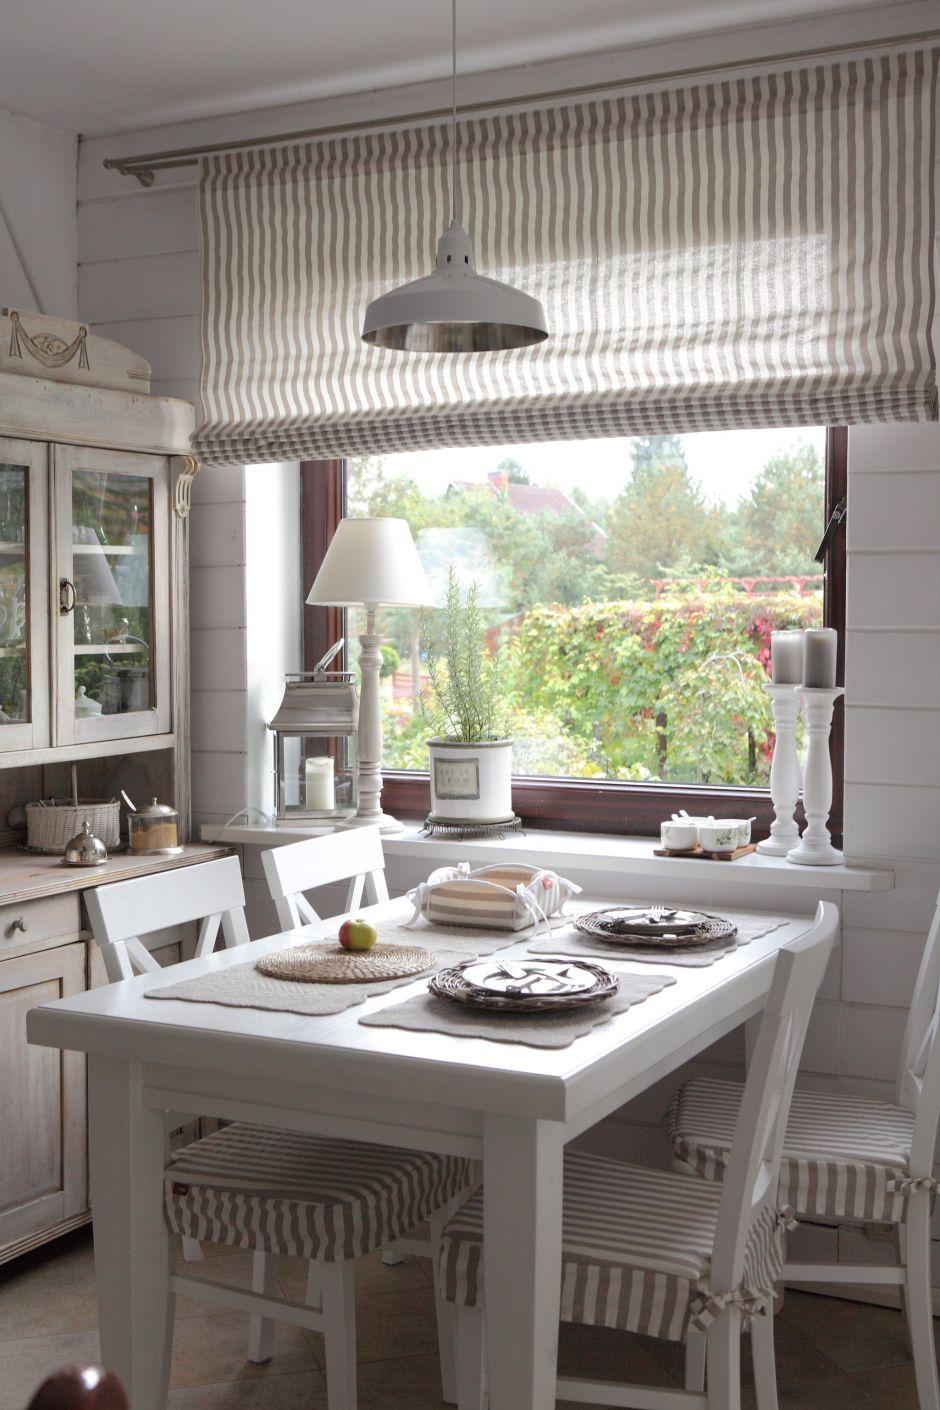 Obývačka a kuchyňa v novom šate❓ Prečo nie❓ - Obrázok č. 6